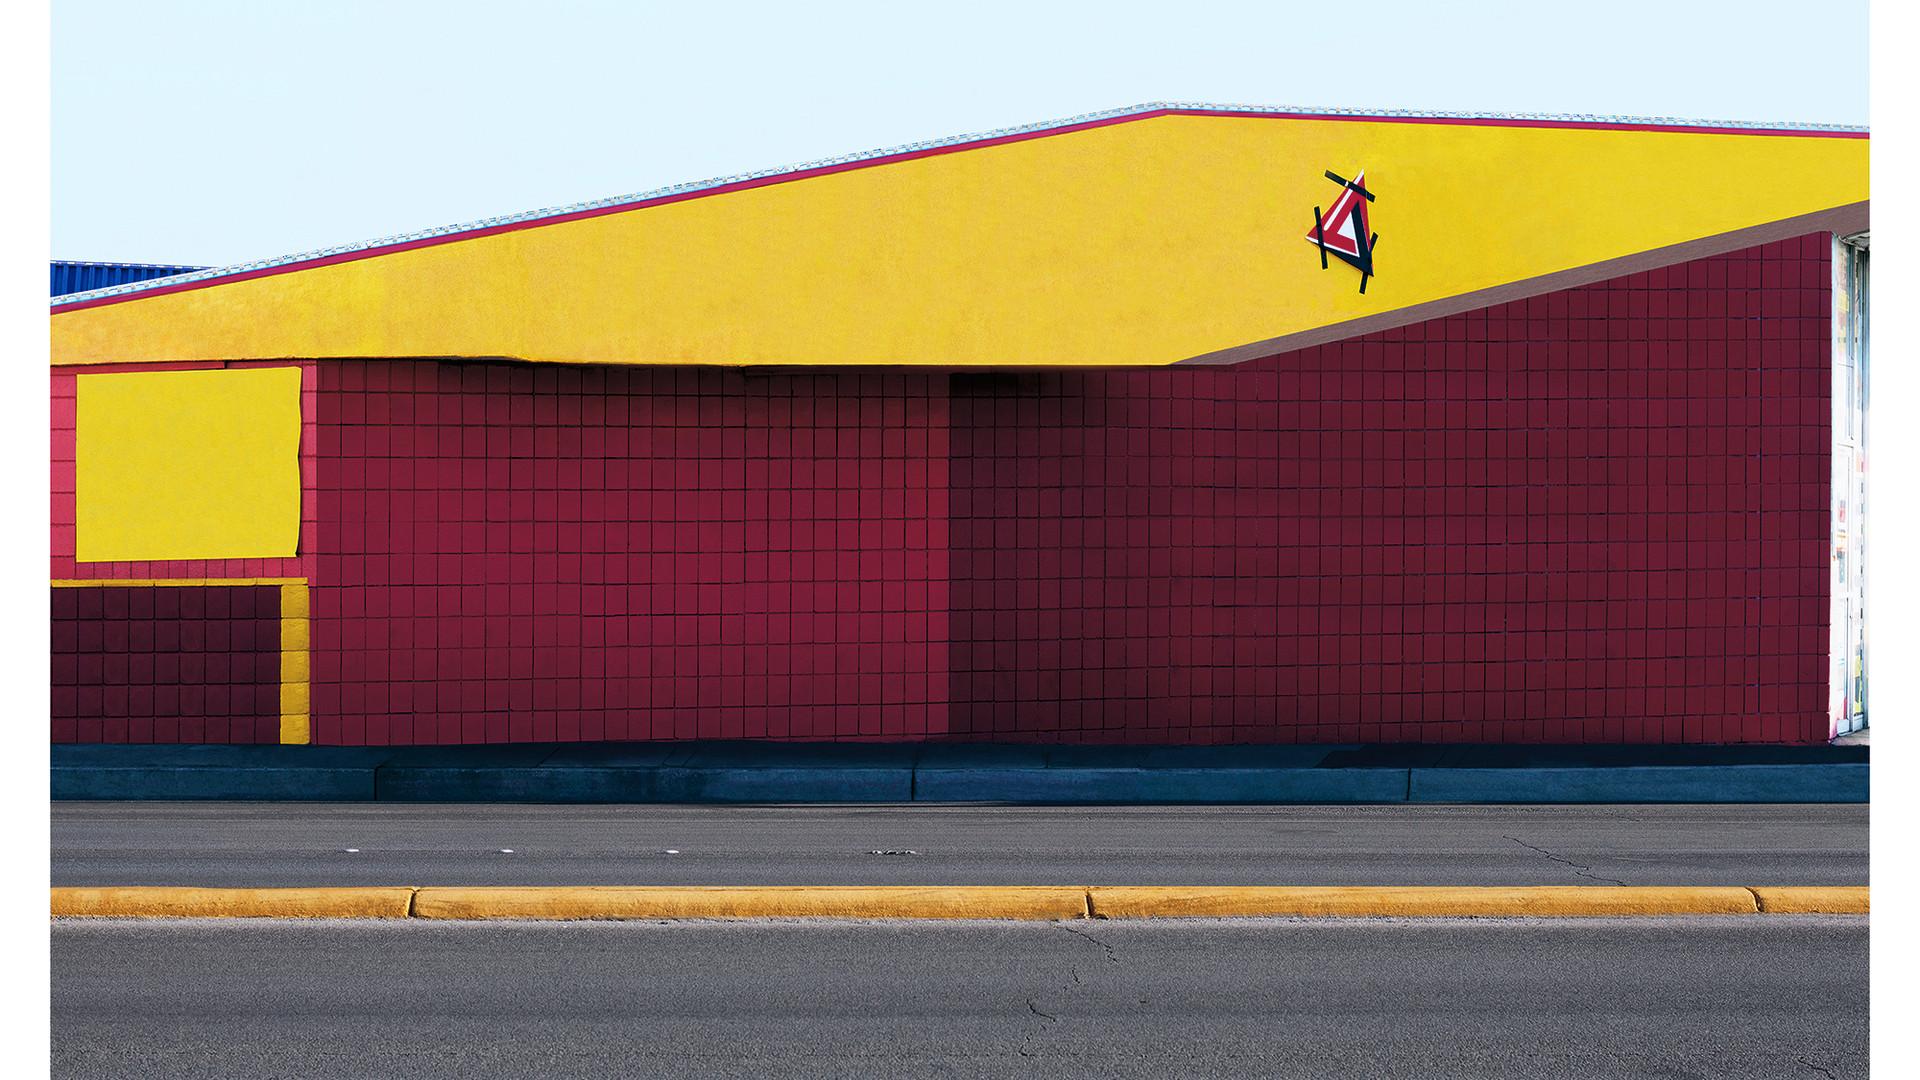 Bonanza Road, 2017 80x127cm, archival pigment print, ed